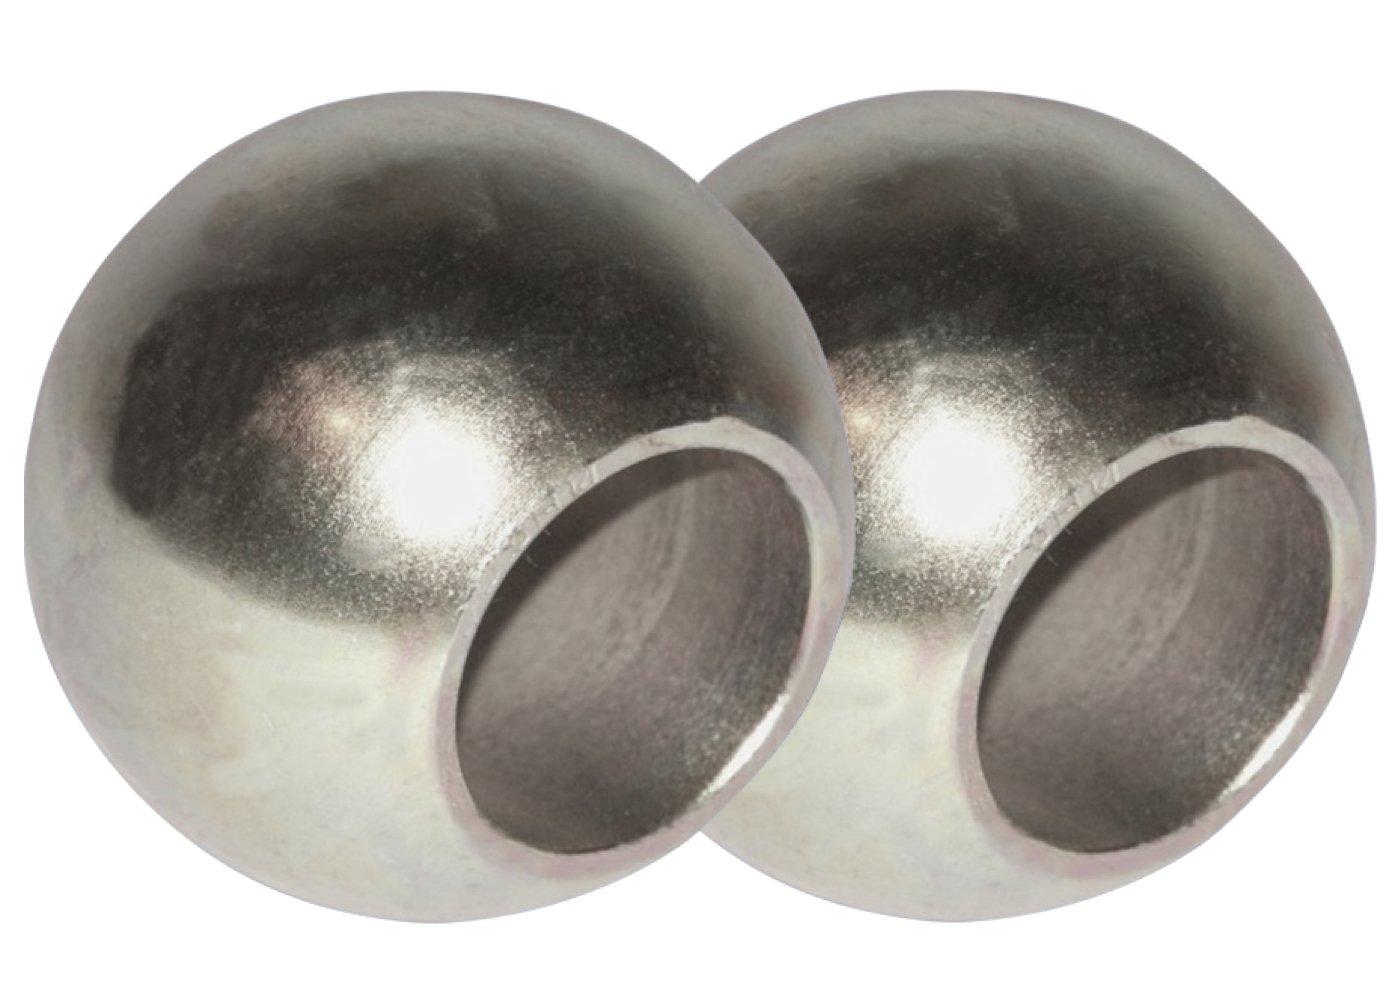 4 x Stück Unterlenker  Fangkugel Unterlenkerkugel Kugel Kat 2-1 Höhe 45 mm